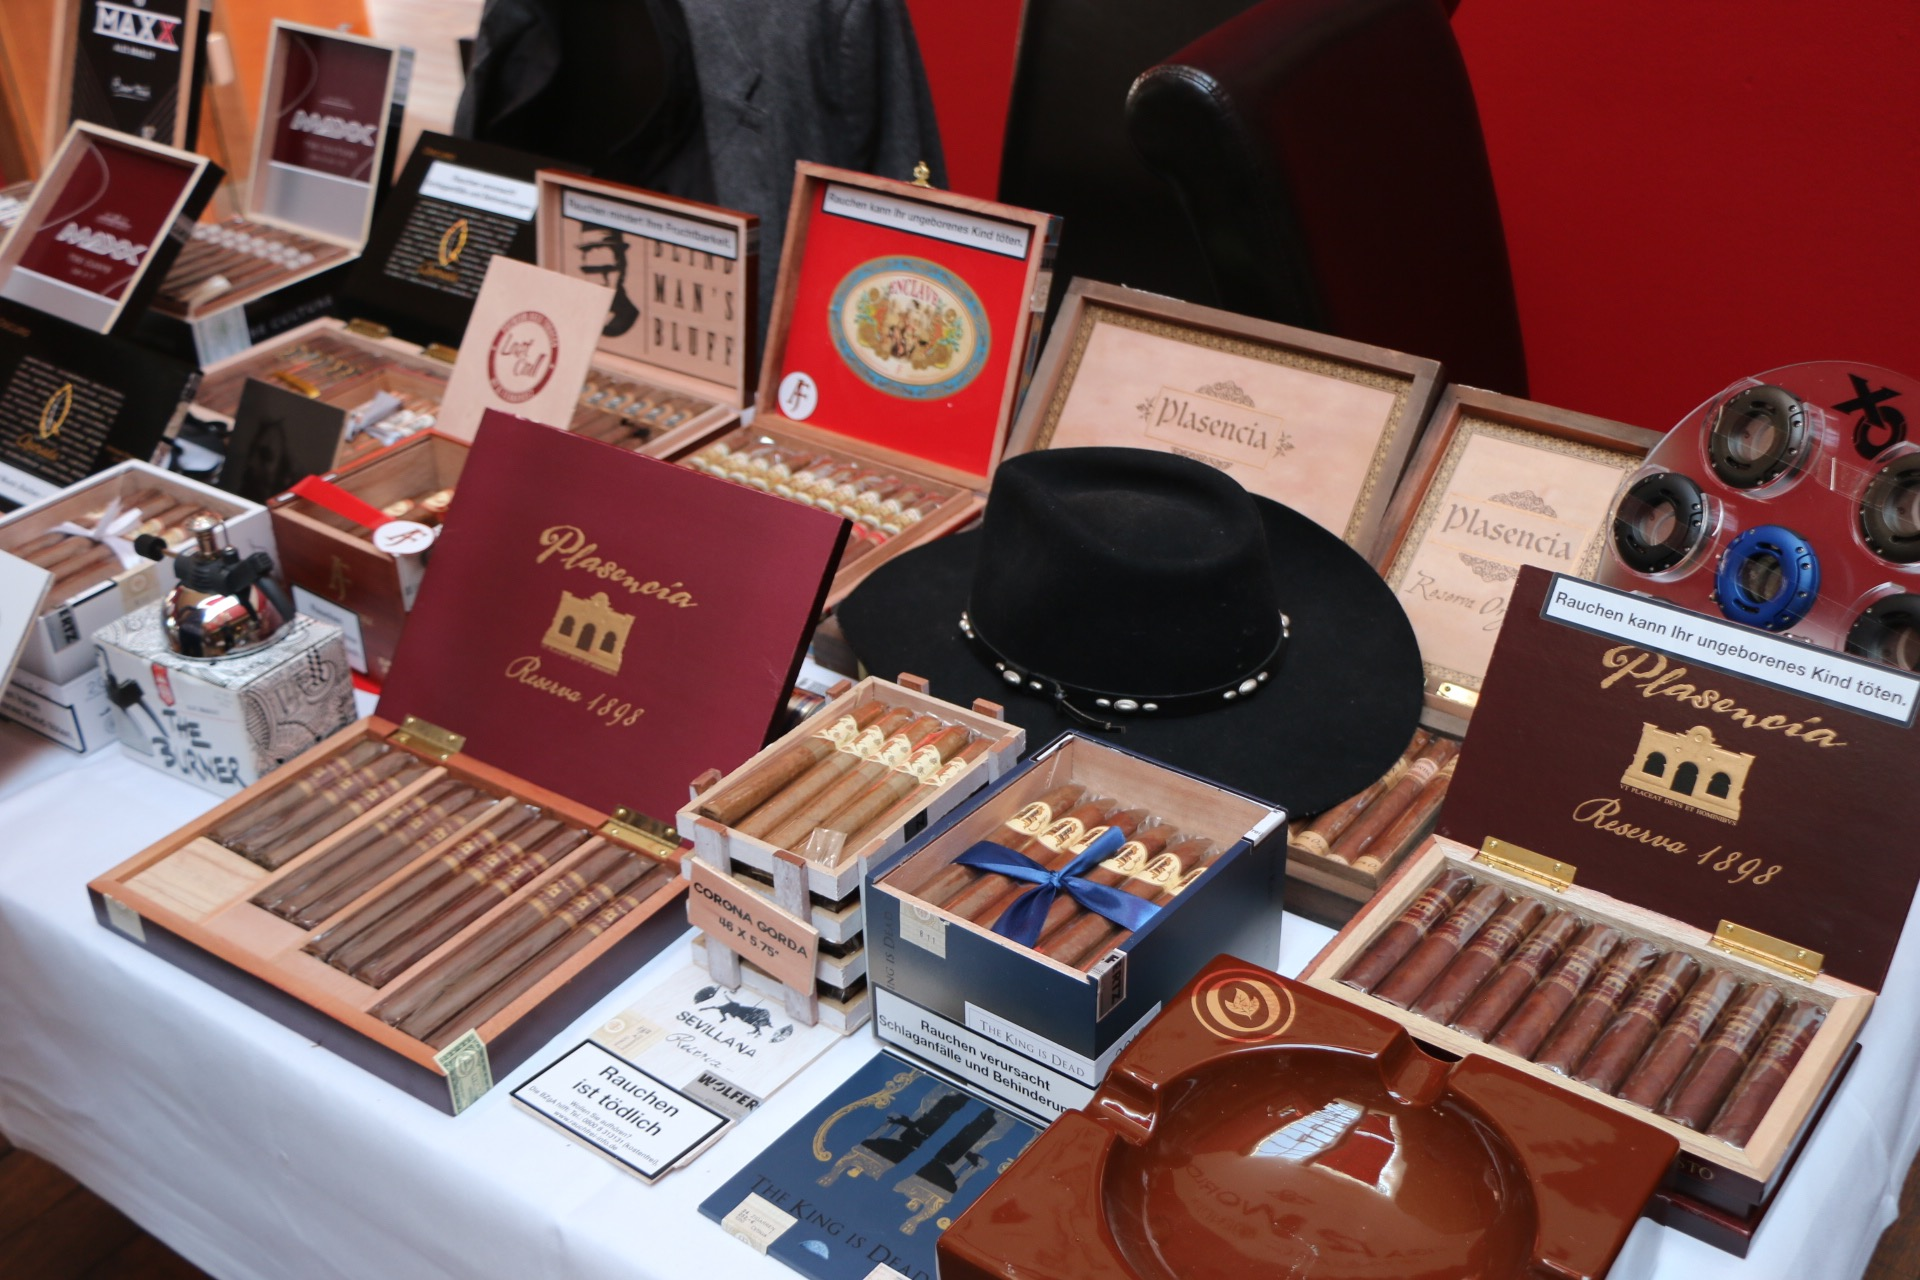 Wolfertz GmbH Alec Bradley Plasencia Caldwell cigars